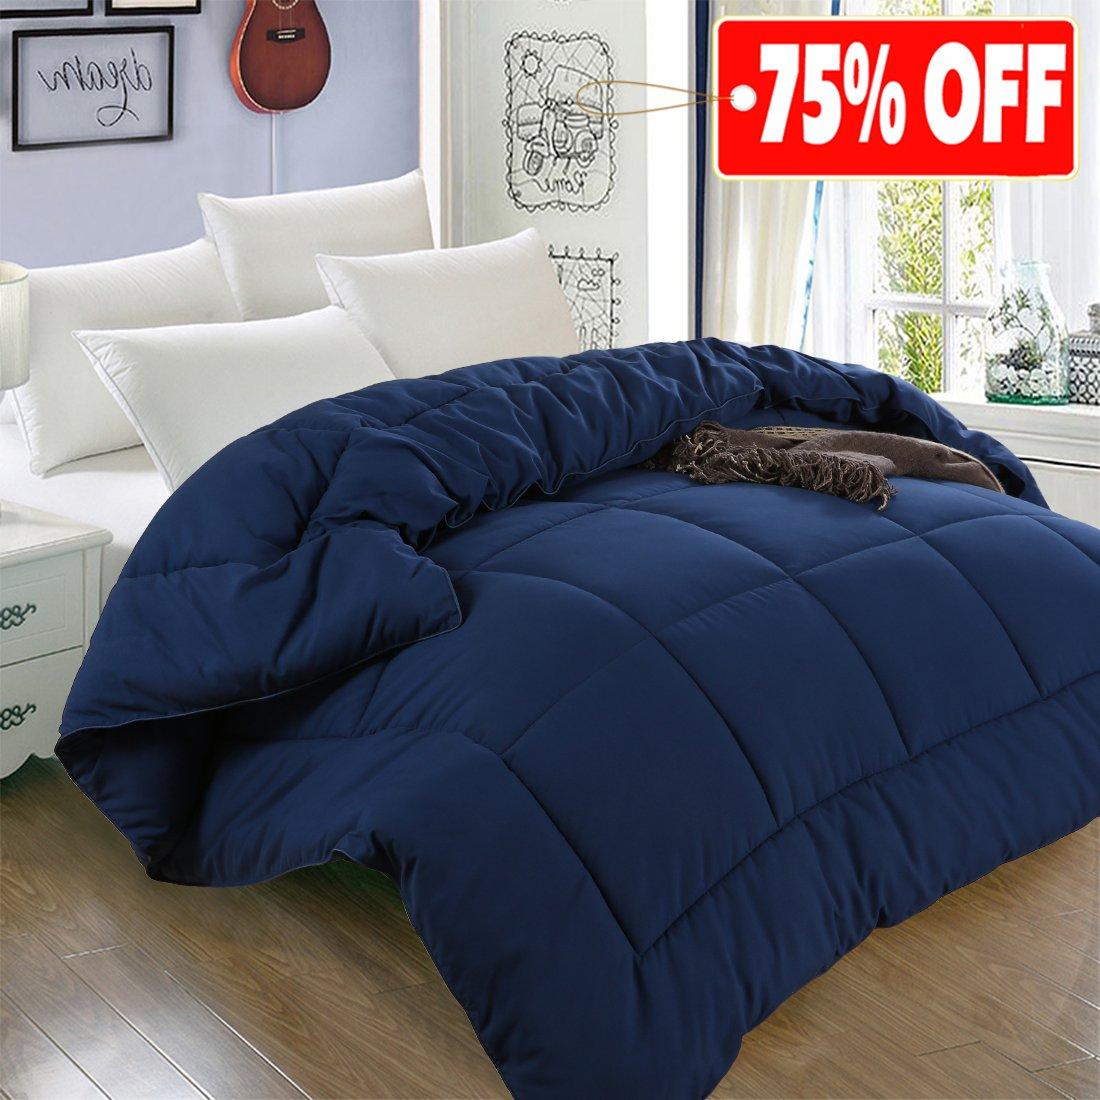 Duvet Insert & Stand-Alone Comforter - Navy